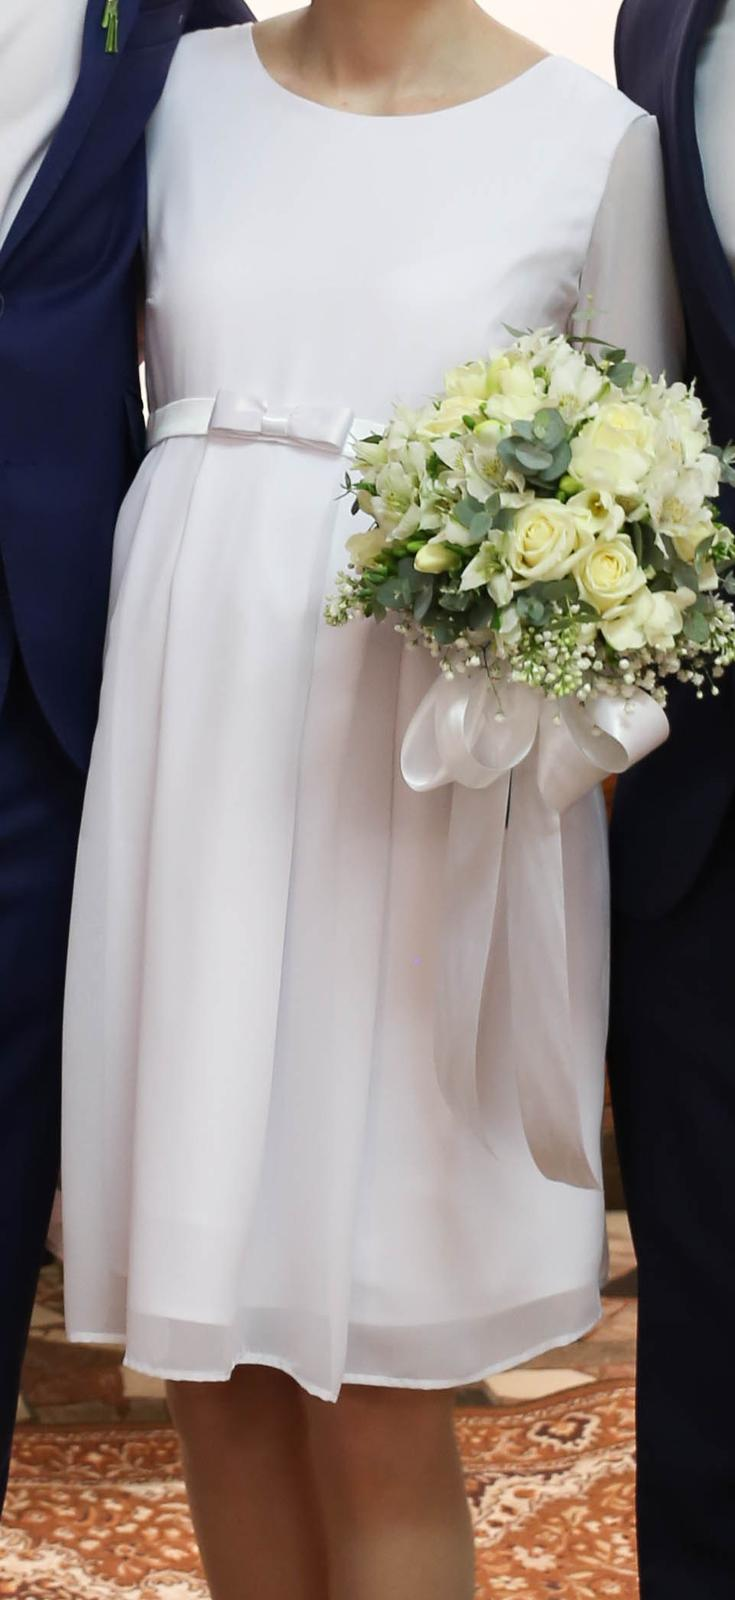 Tehotenské svadobné šaty veľ. XS/S - Obrázok č. 2